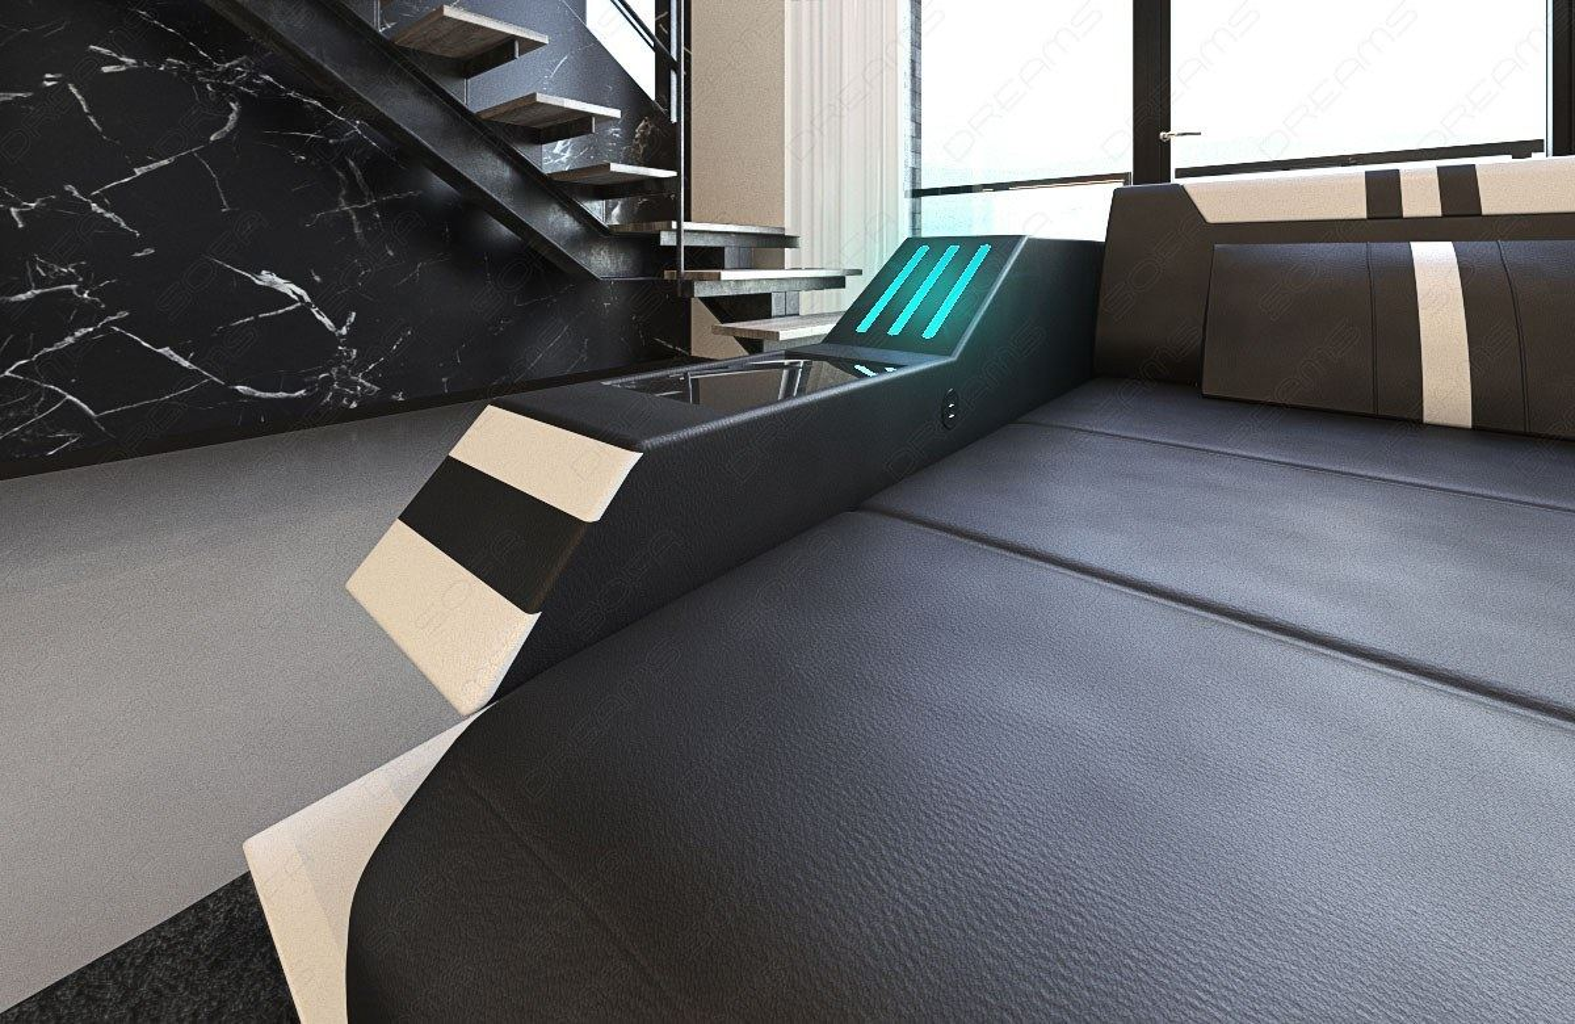 wohnlandschaft couch luxus ravenna xl beleuchtung ottomane. Black Bedroom Furniture Sets. Home Design Ideas